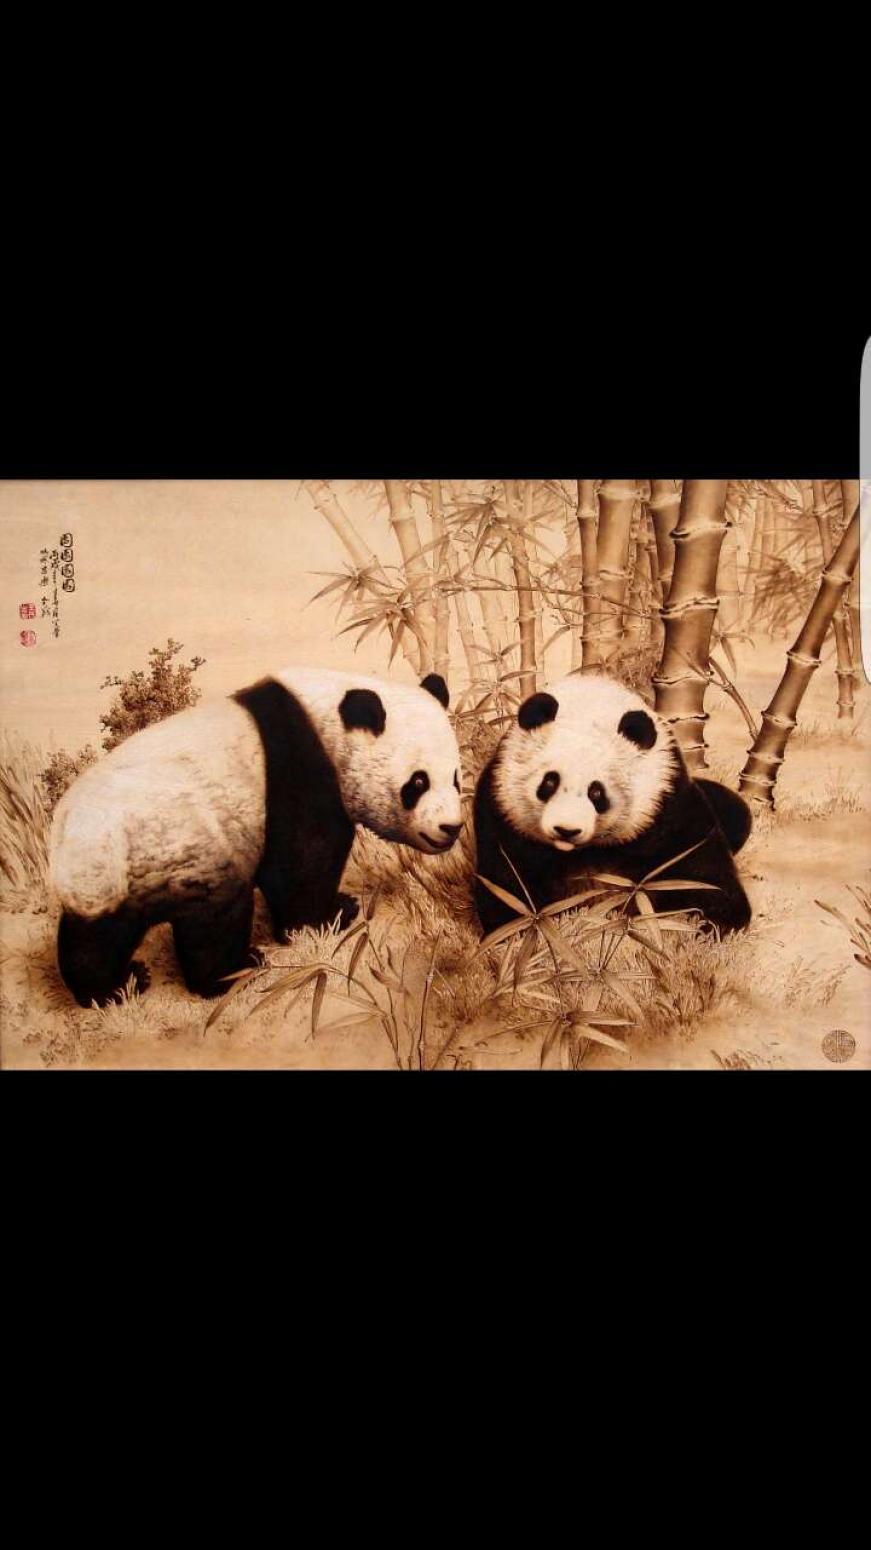 王全战手工作品《烙画-熊猫》